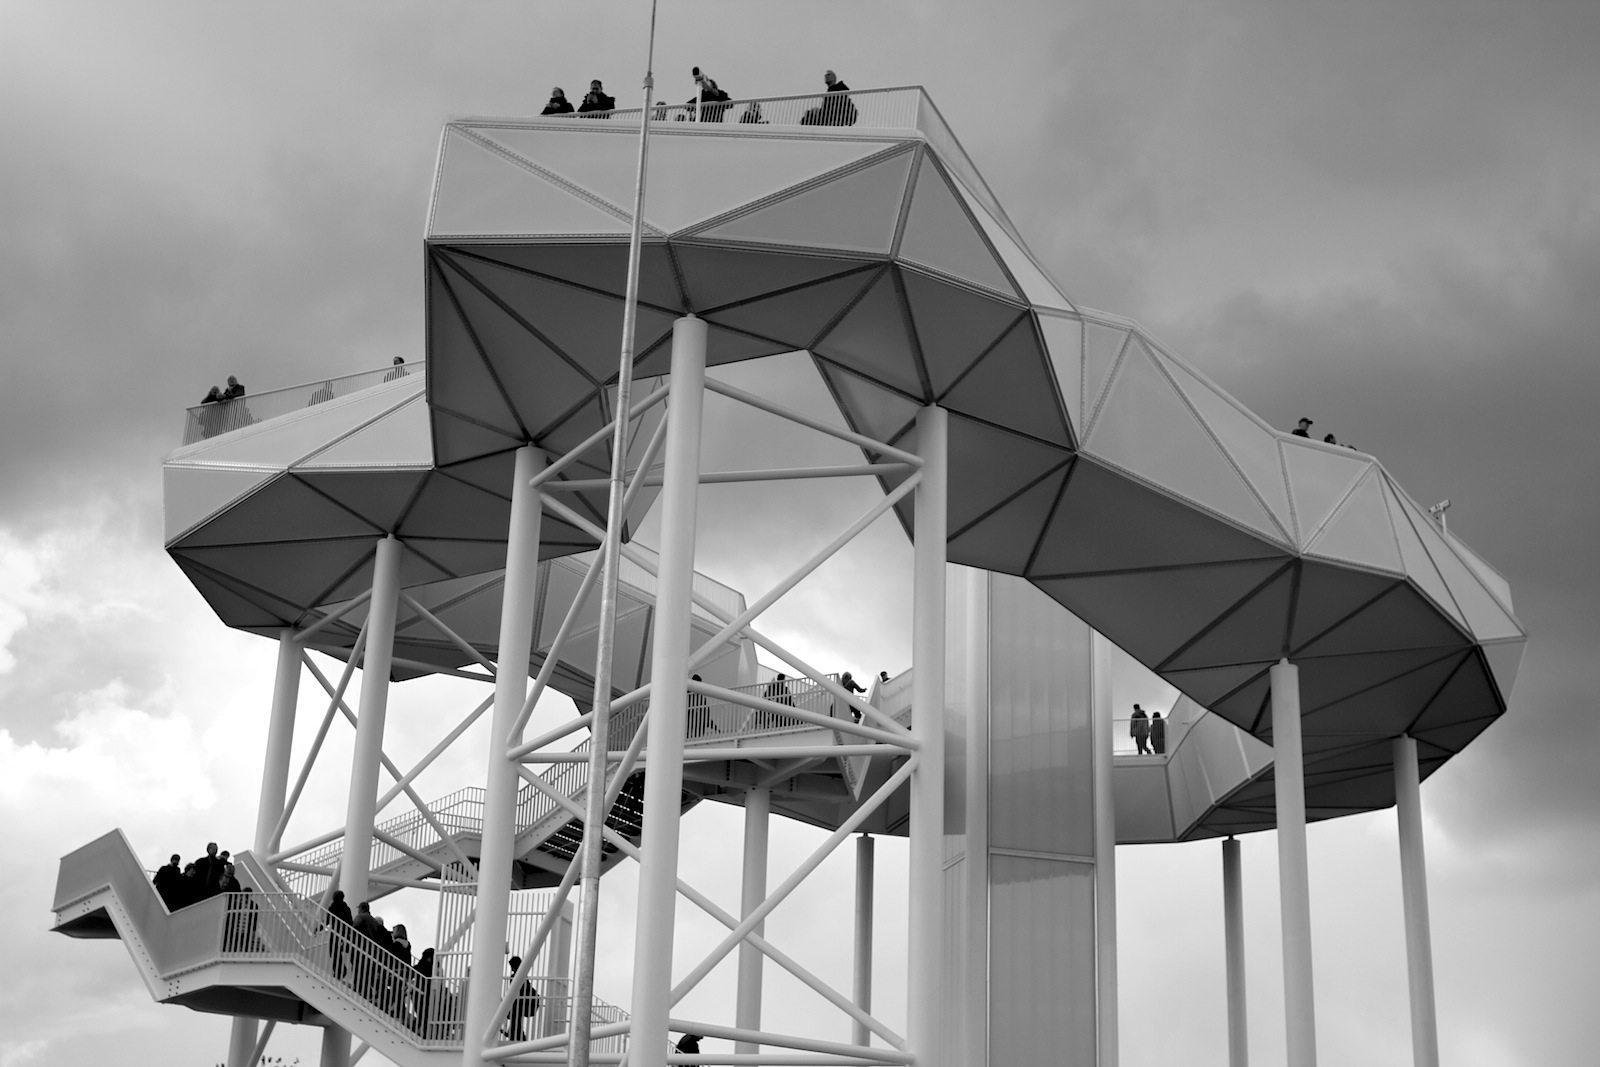 Wolkenhain.  Die aus einer transluzenten Membran bestehende Wolke ruht auf schlanken Stahlstützen, die unregelmäßig, wie die Stämme in einem Baumhain angeordnet sind.